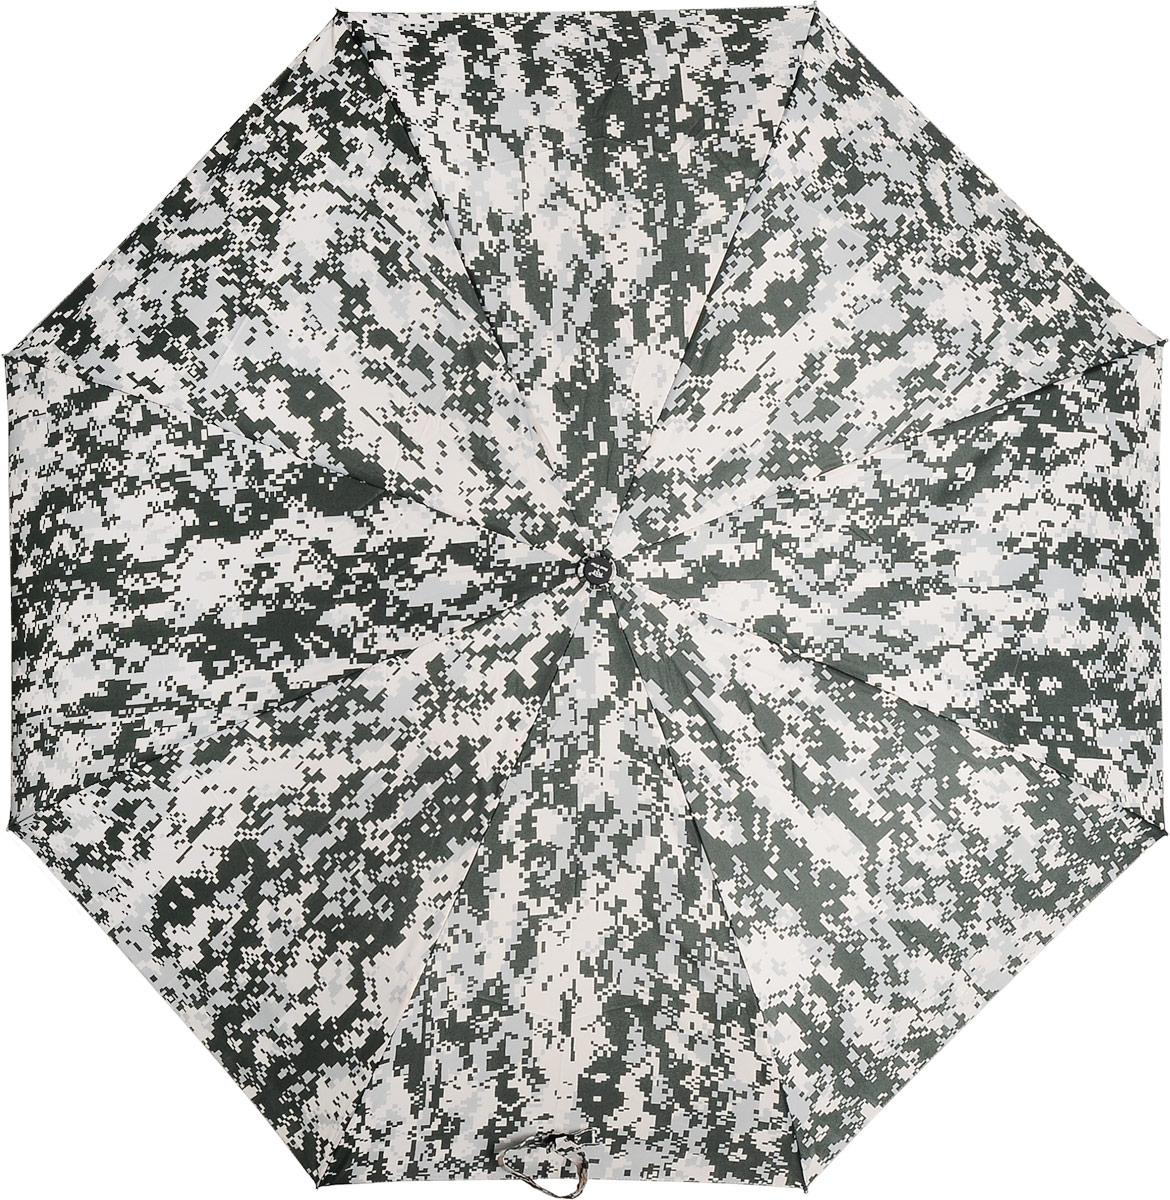 Зонт Эврика, цвет: зеленый, белый. 97841SCPA390Автоматический зонт двойного сложения с куполом из ткани защитной расцветки – настоящий подарок для мужчин! Крепкие широкие спицы с системой анти-ветер, прочный металлический стержень, ручка из пластика, препятствующего скольжению, растягивающаяся наручная петля, удобные кнопки складывания и раскладывания, стильный чехол из той же ткани с сеточкой и карабином для крепления зонта – все эти детали подтверждают высокое качество изделия.Размер в сложенном состоянии: 30 х 6 см. Размер купола: 105 см.Длина штока в разложенном виде: 60 см.